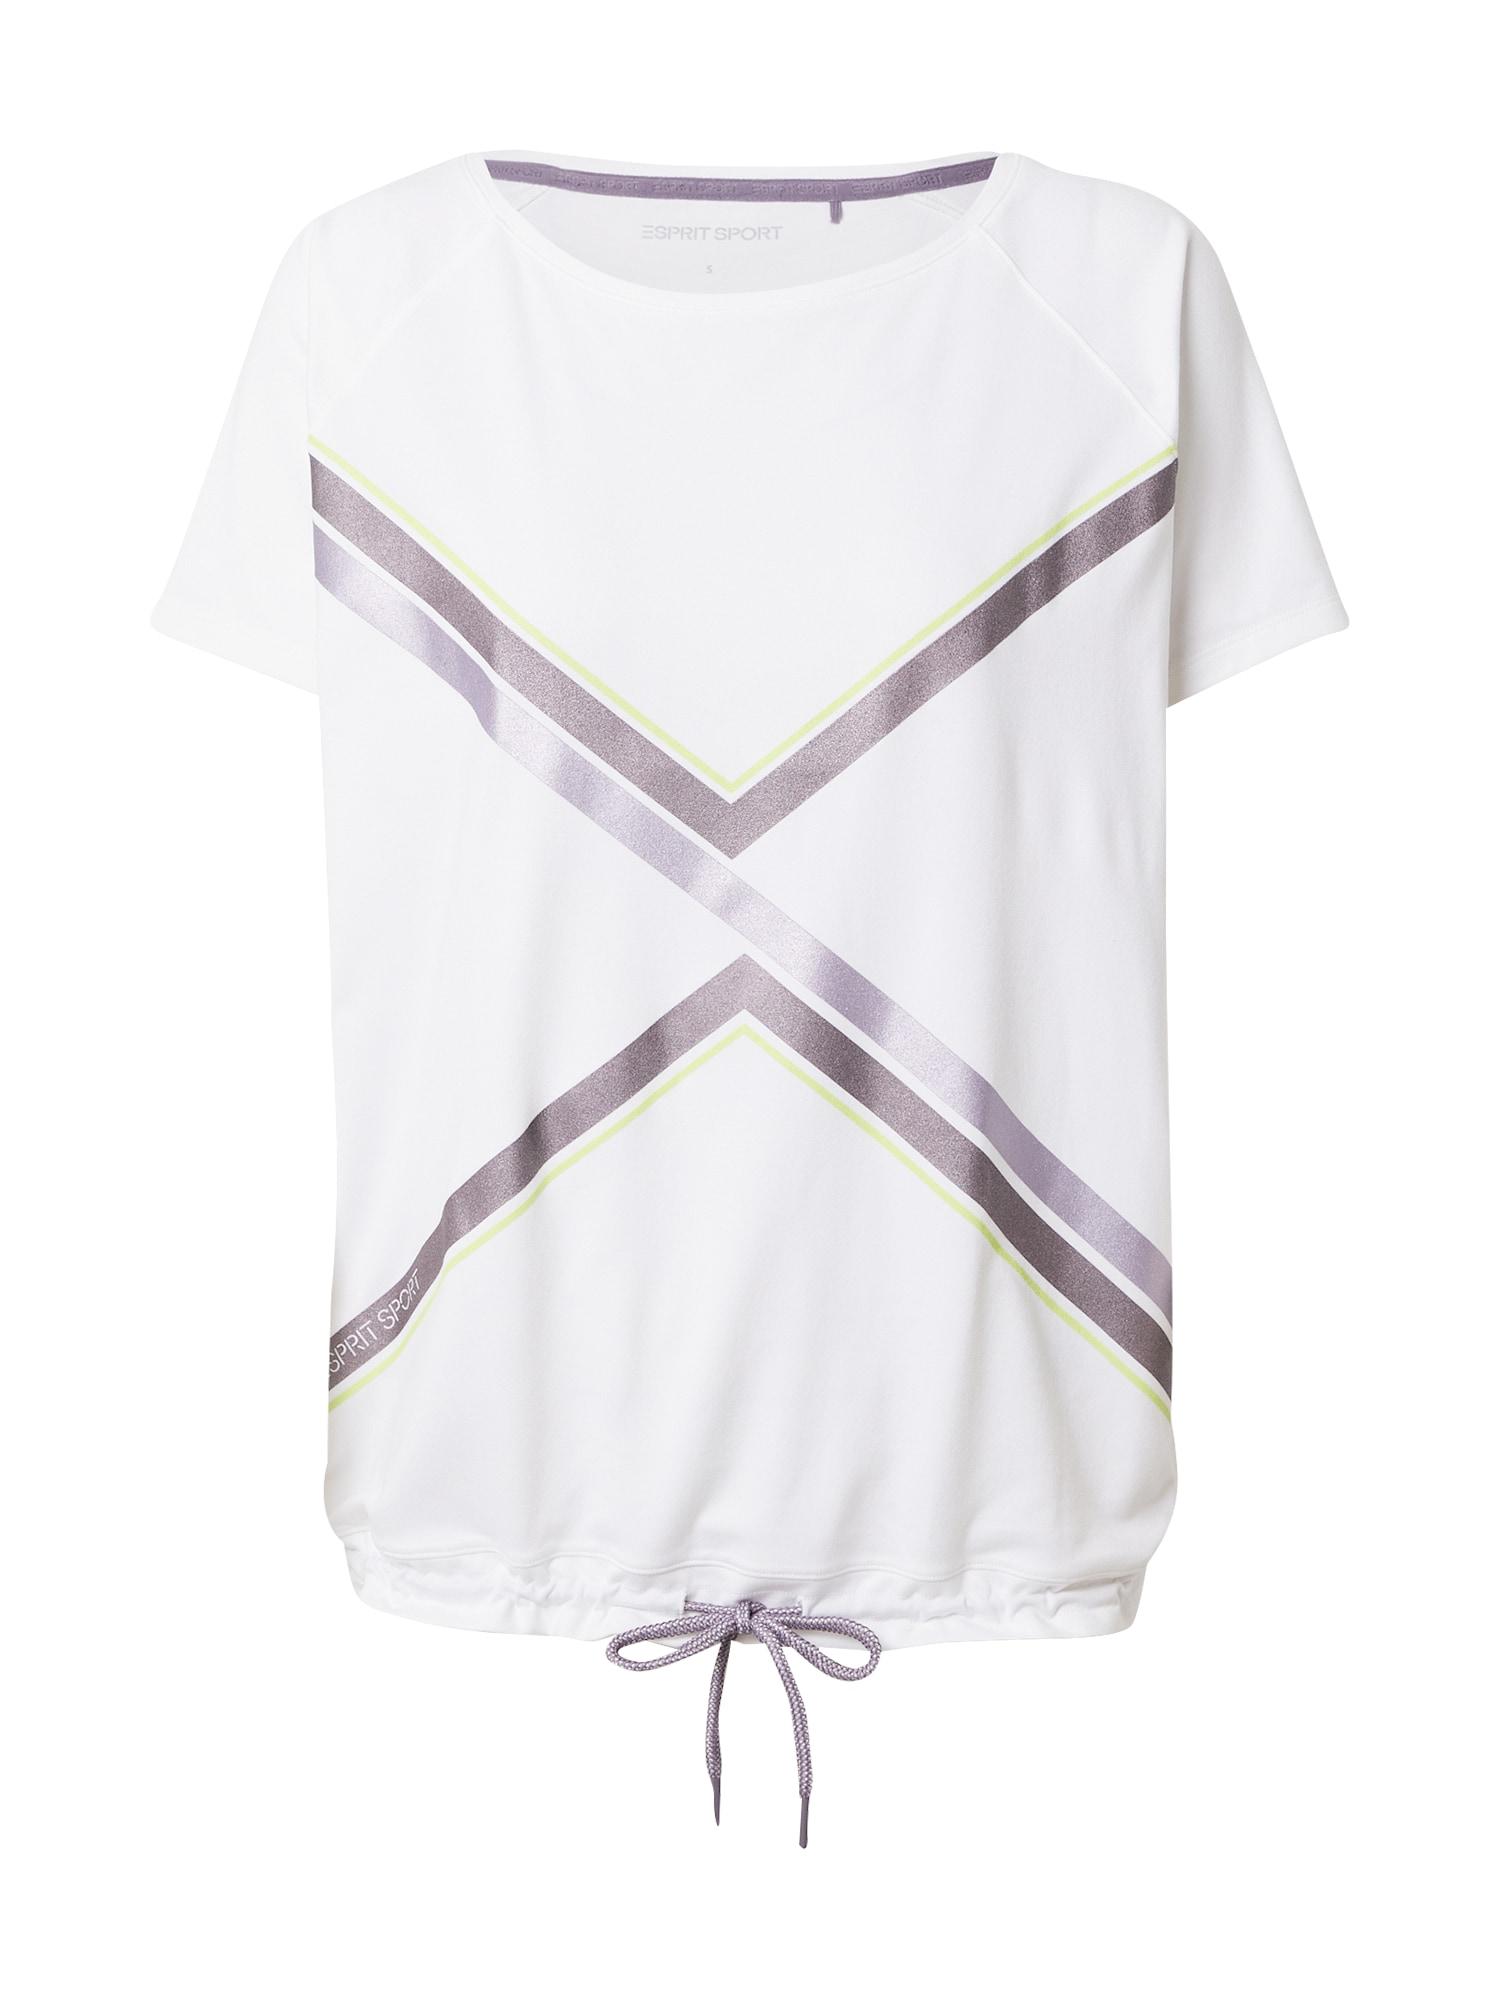 ESPRIT SPORT Sportiniai marškinėliai balta / purpurinė / baklažano spalva / geltonosios citrinos spalva